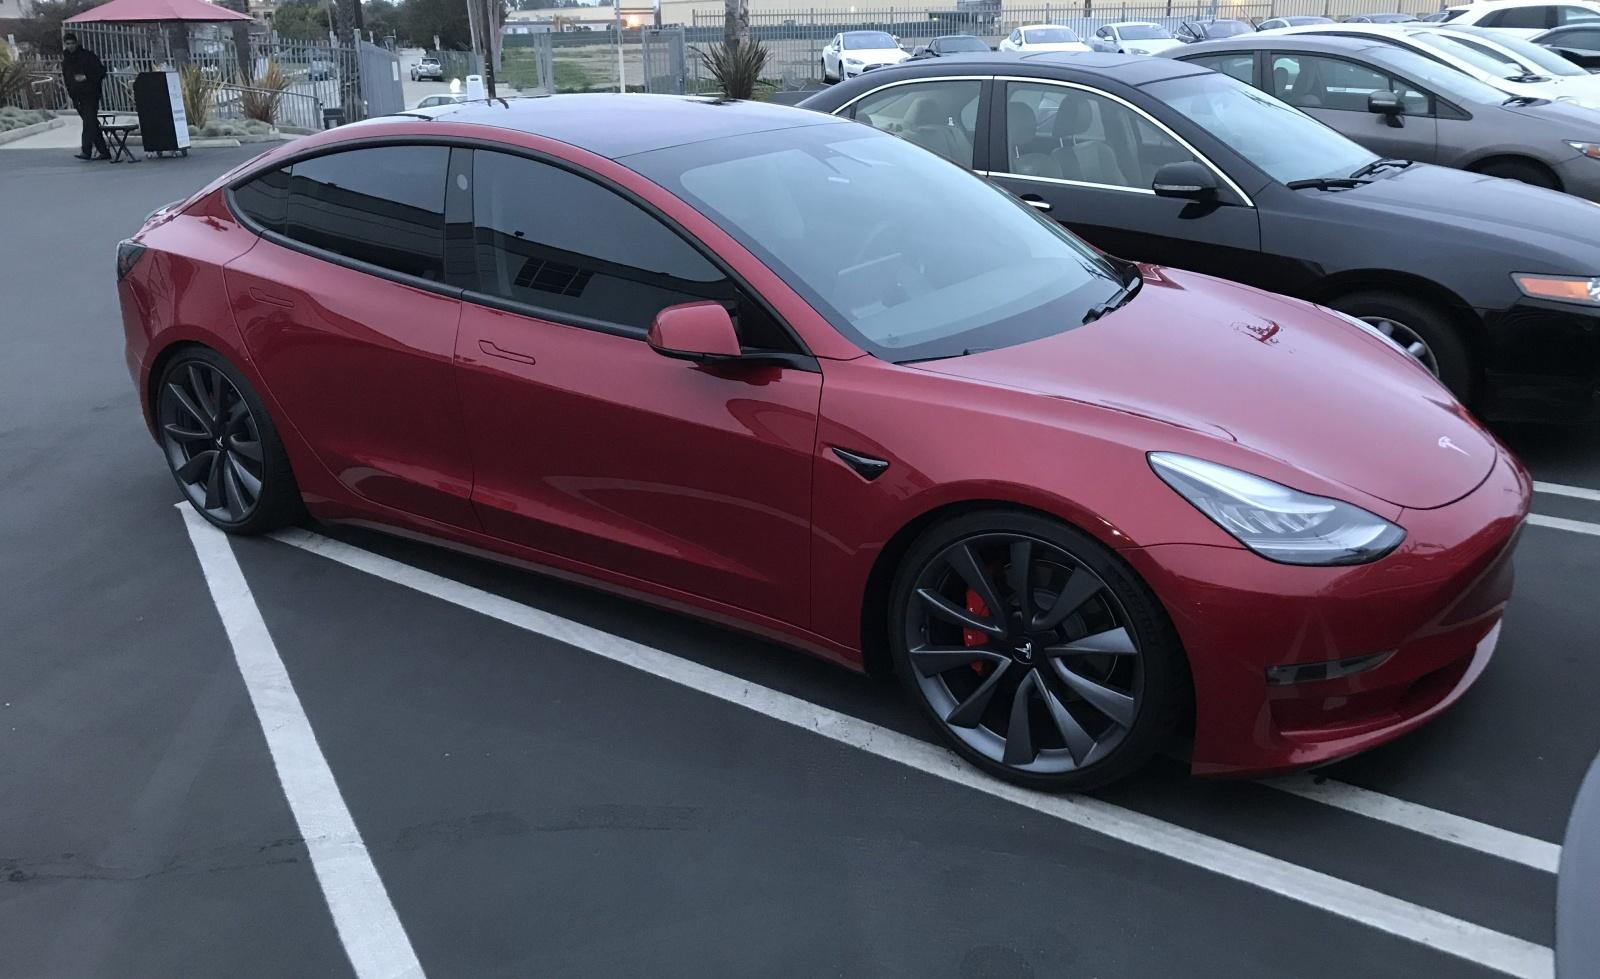 Илон Маск анонсировал Tesla Model 3 с двумя моторами - 1